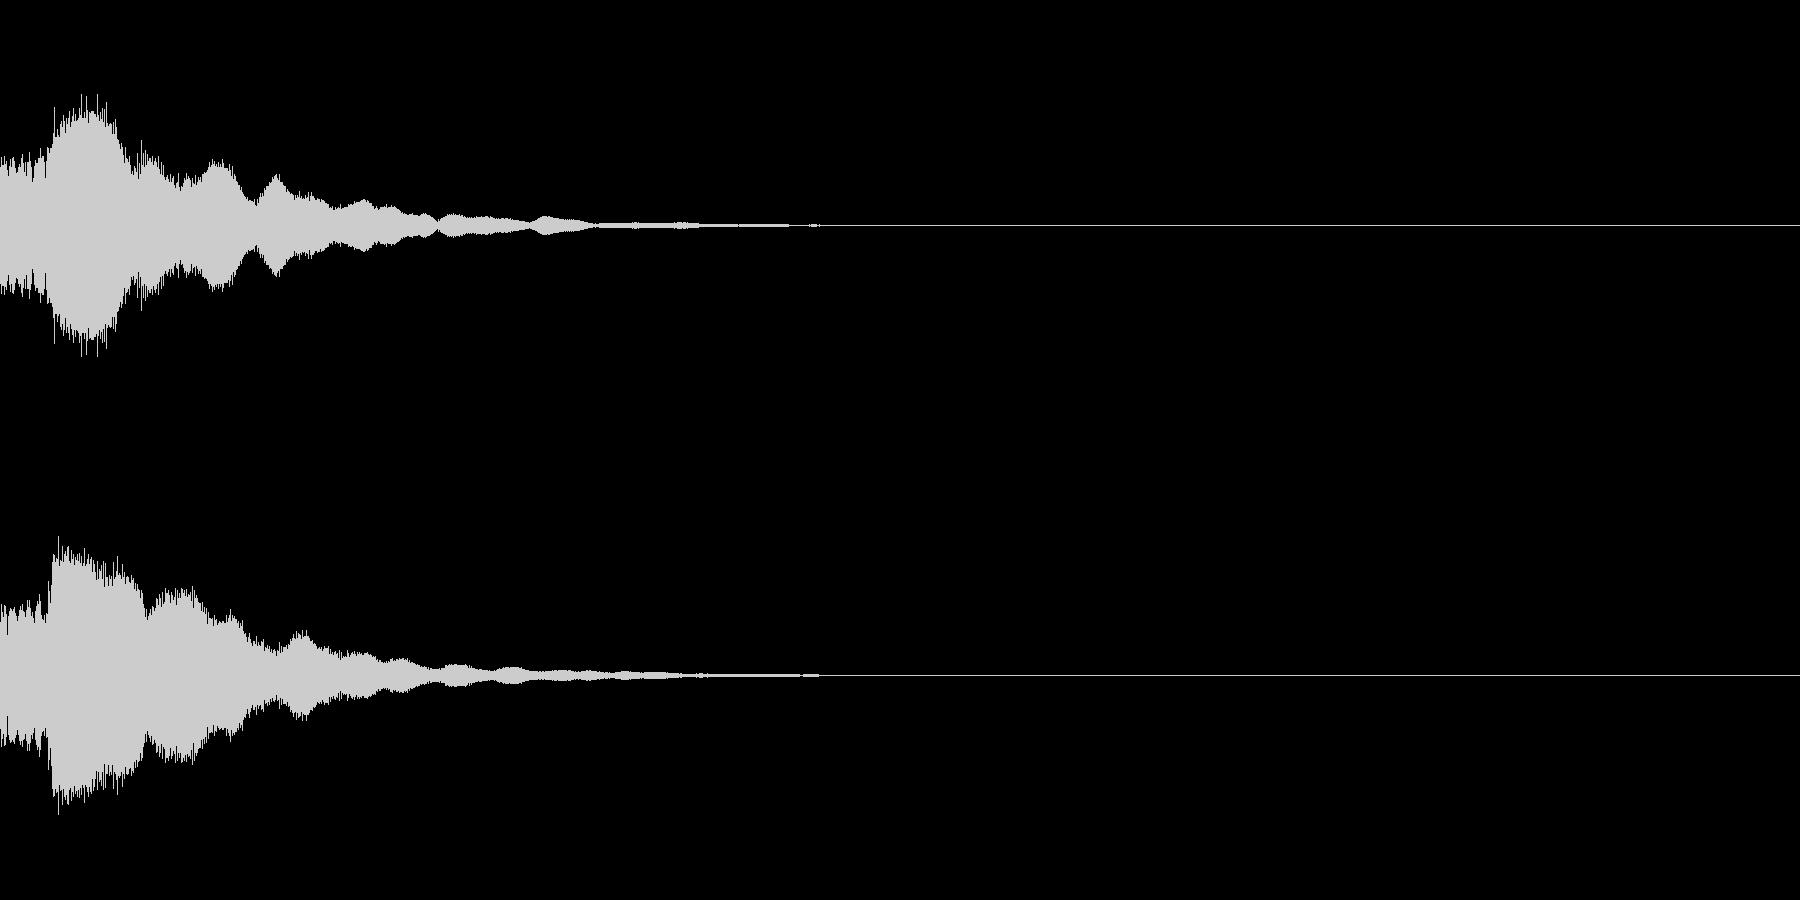 きれい系システム音 ティロン★(下がる)の未再生の波形